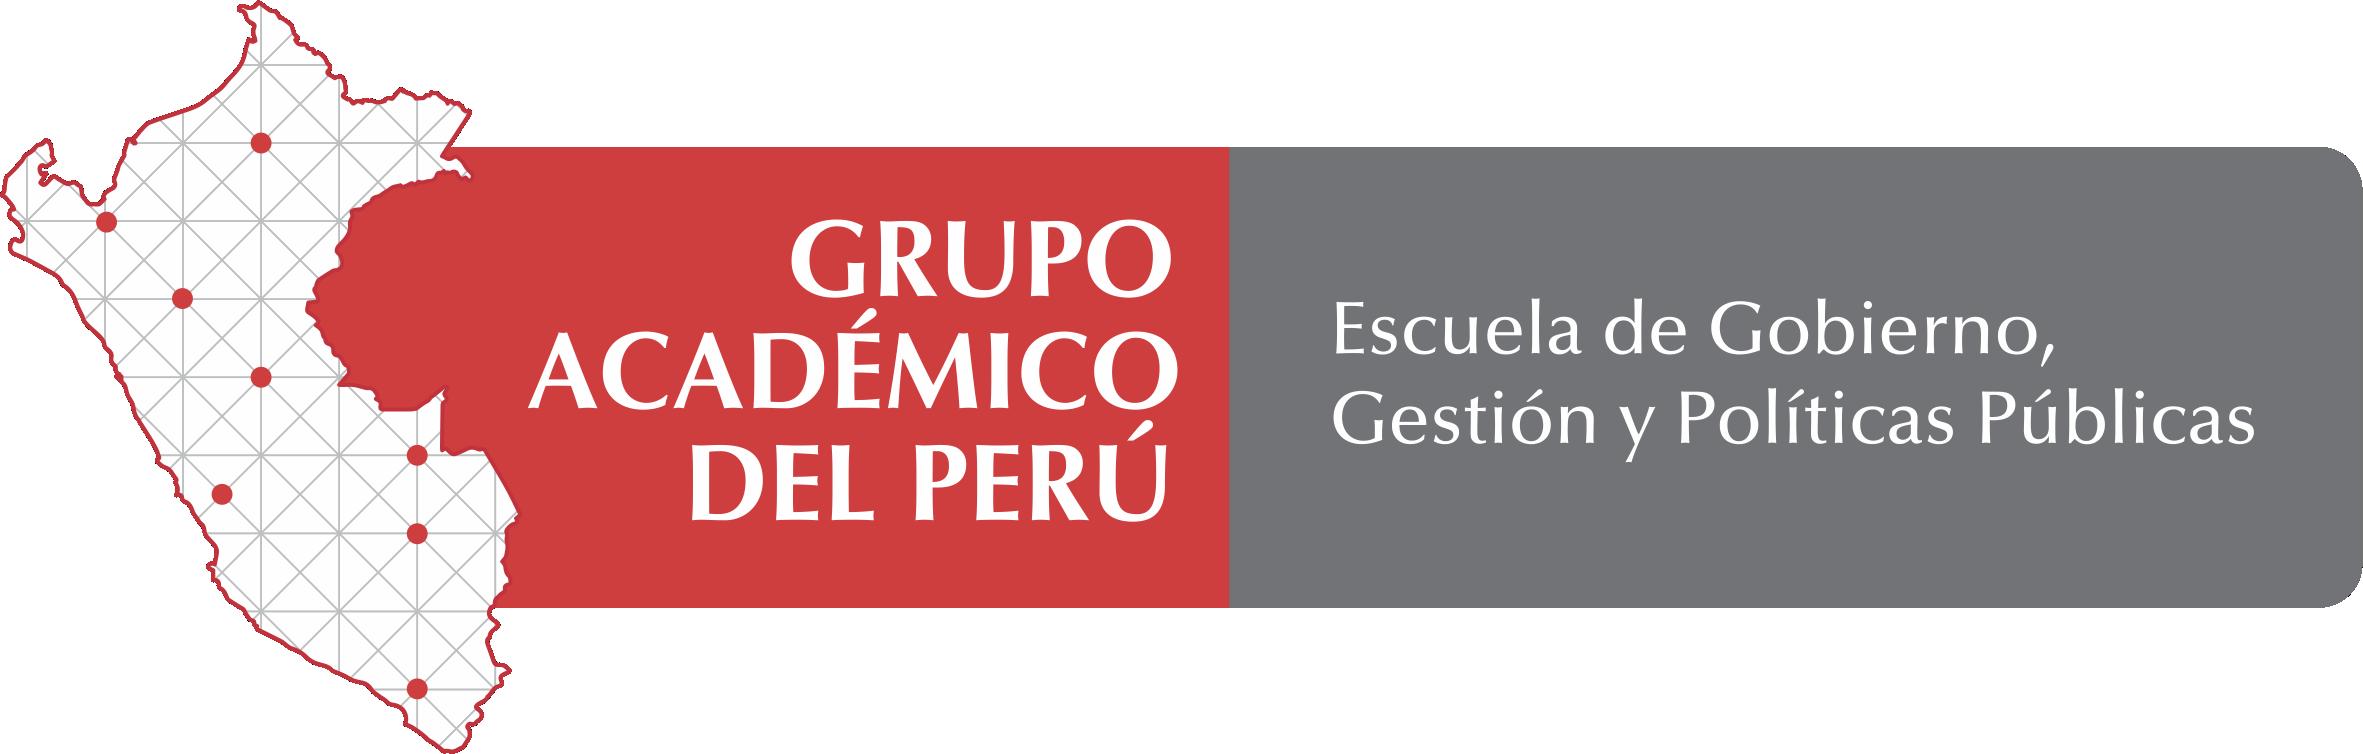 Grupo Academico